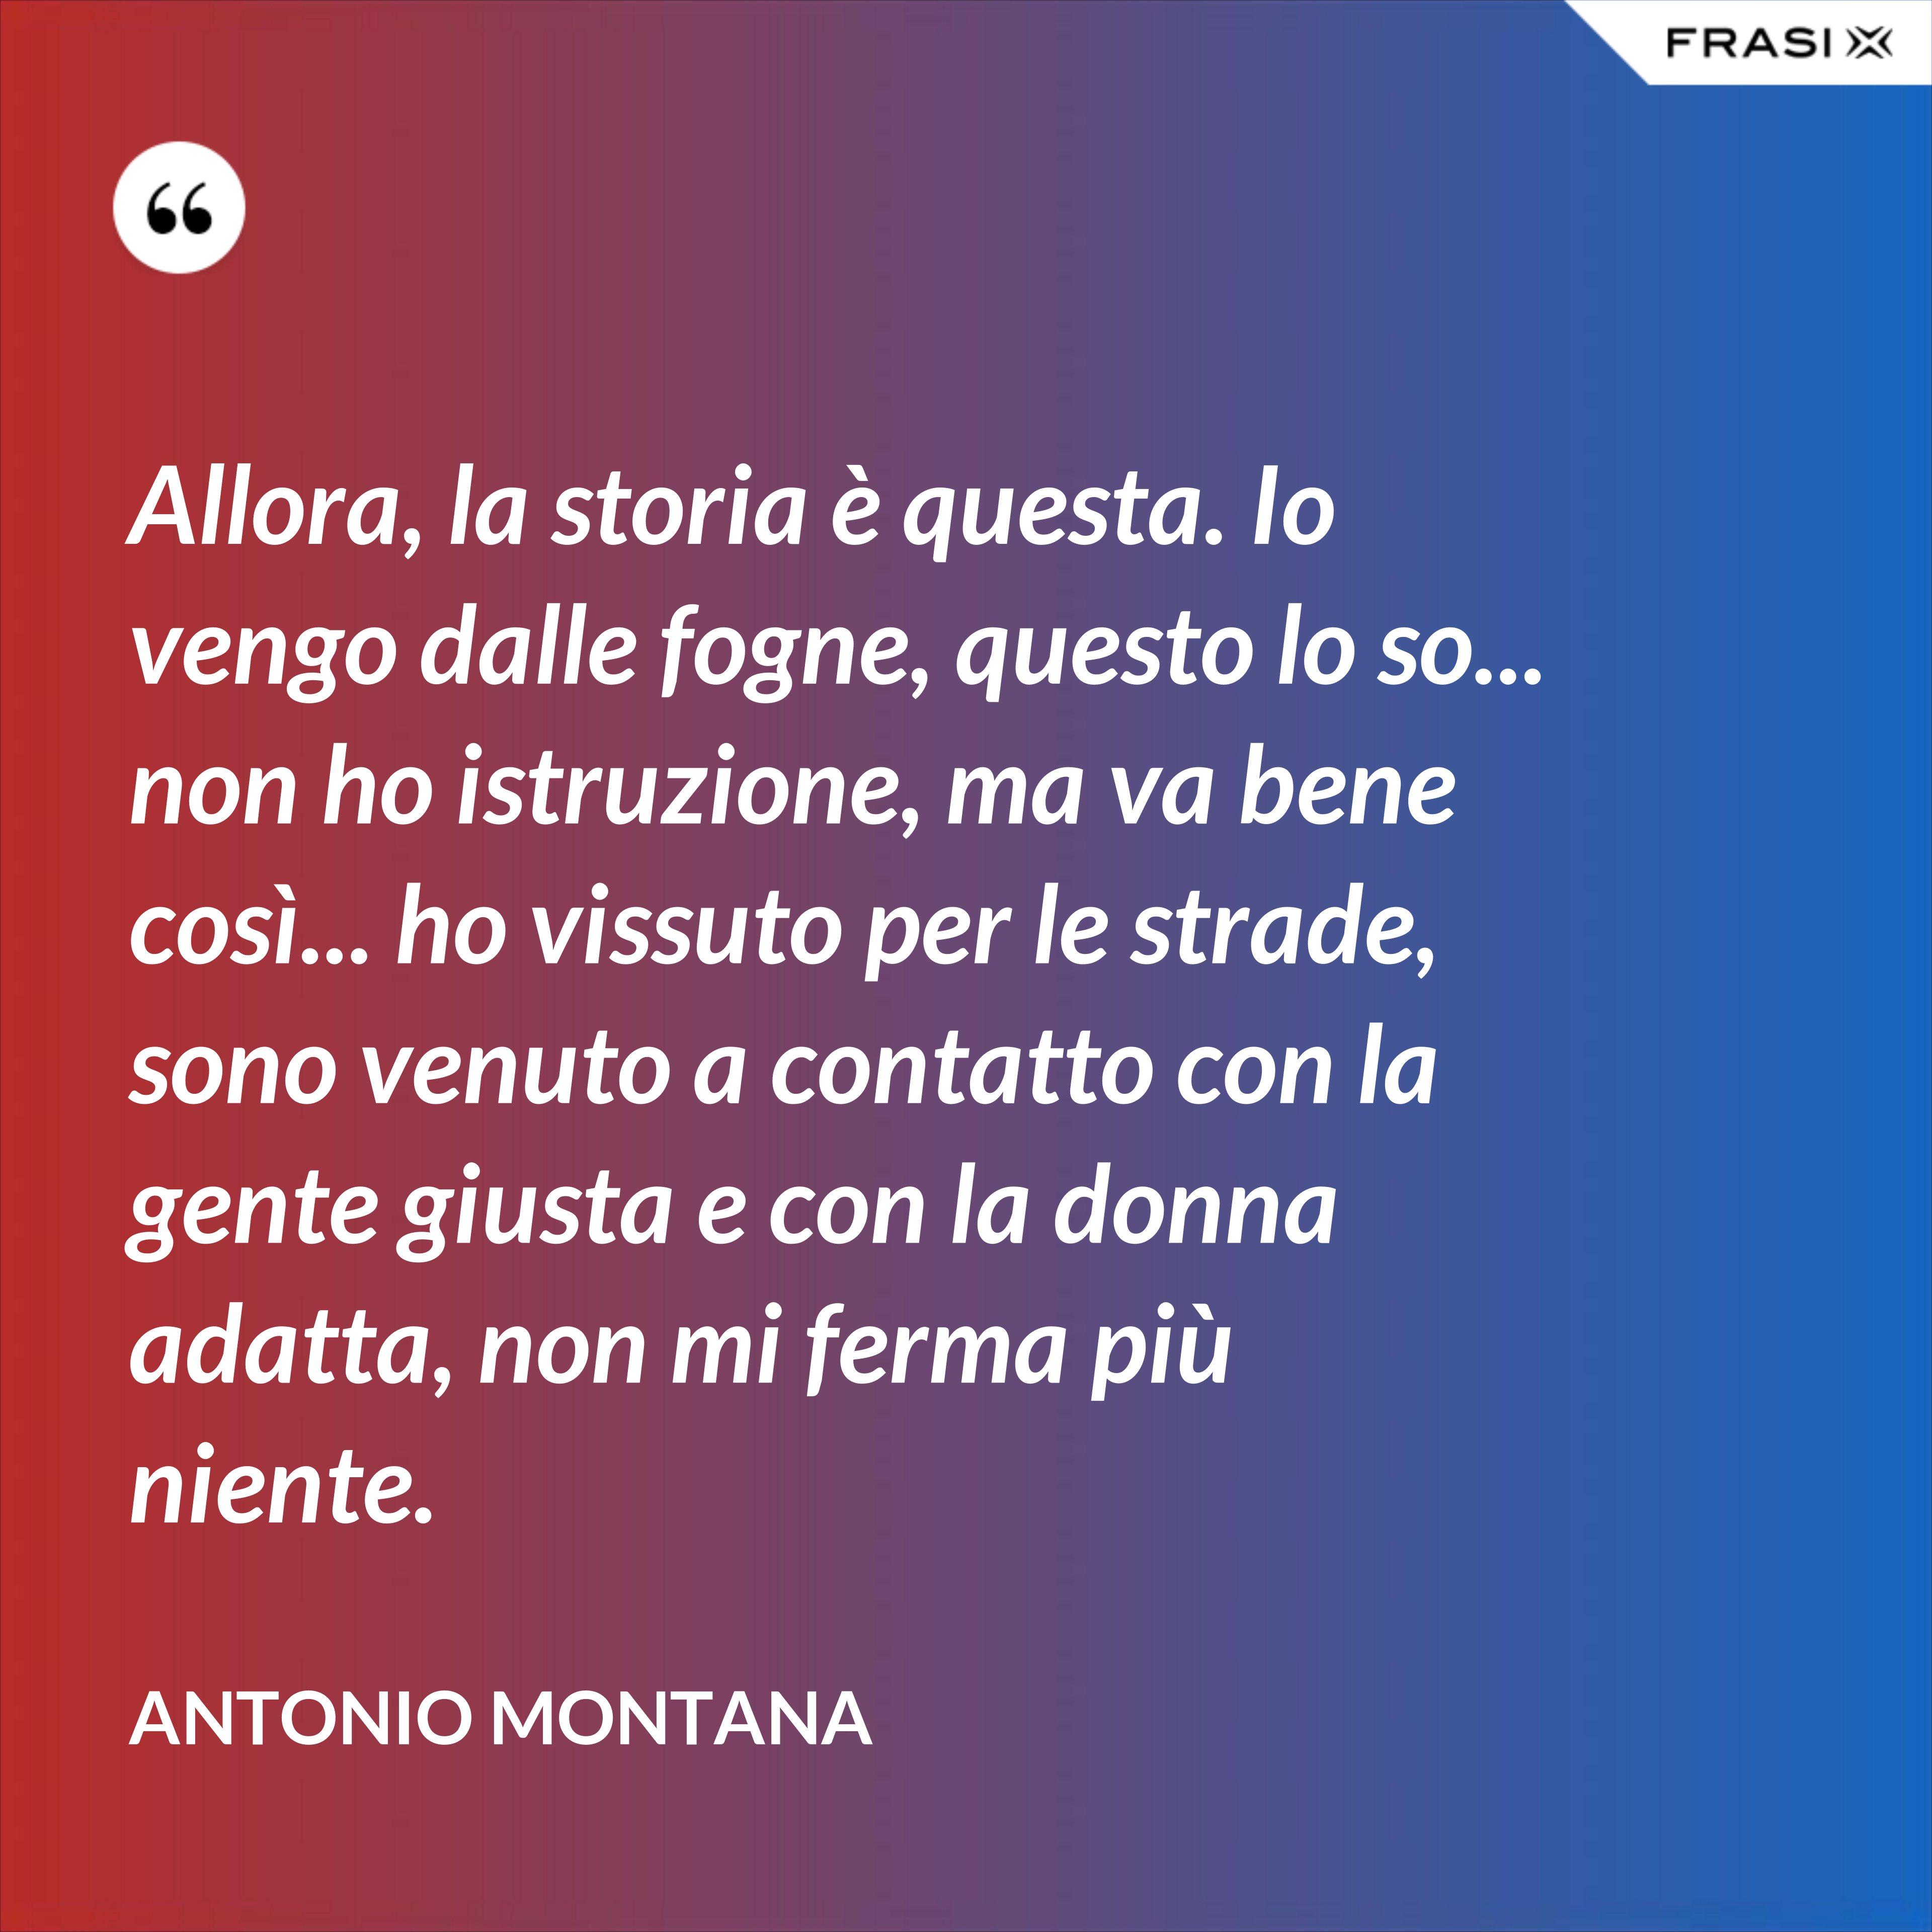 Allora, la storia è questa. Io vengo dalle fogne, questo lo so... non ho istruzione, ma va bene così... ho vissuto per le strade, sono venuto a contatto con la gente giusta e con la donna adatta, non mi ferma più niente. - Antonio Montana